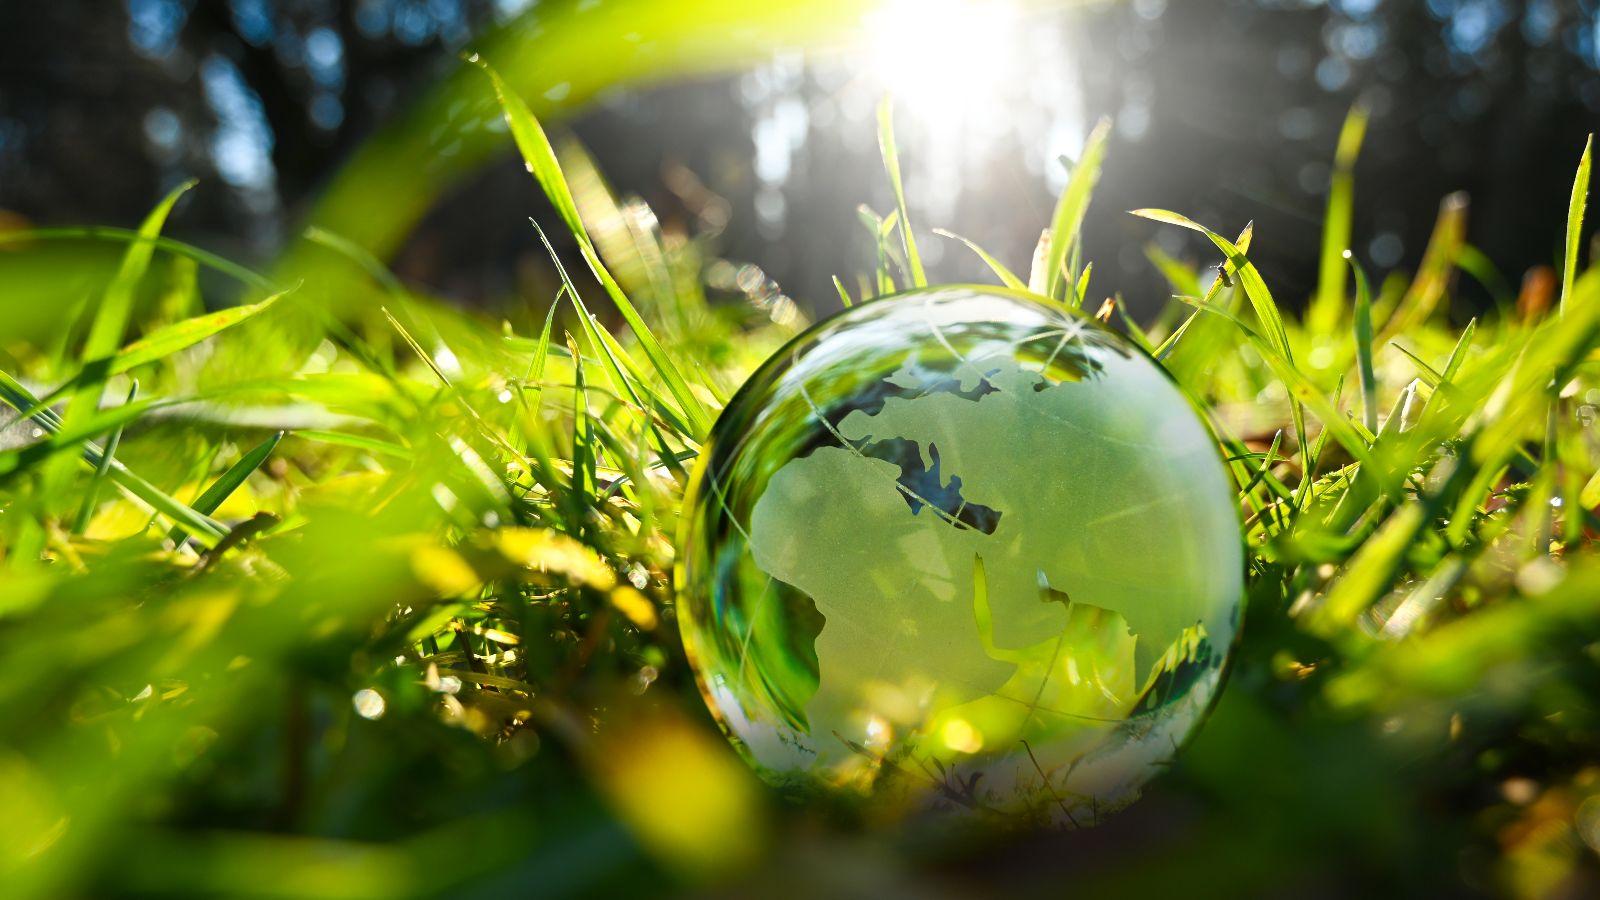 Gläserne Erdkugel liegt im Gras in der Sonne